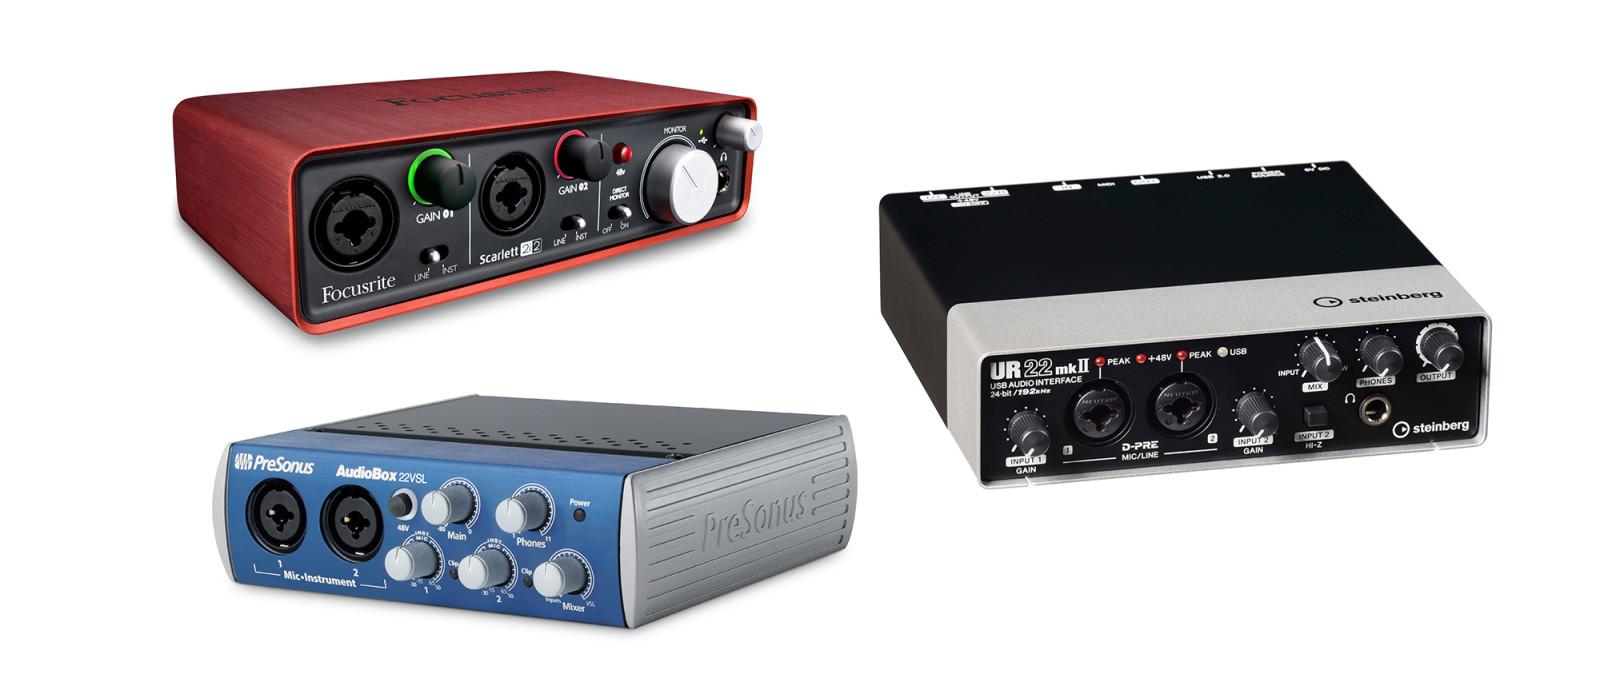 USB2 äänikortteja: Focusrite Scarlett 2i2, Presonus Audiobox 22VSL, Steinberg UR22